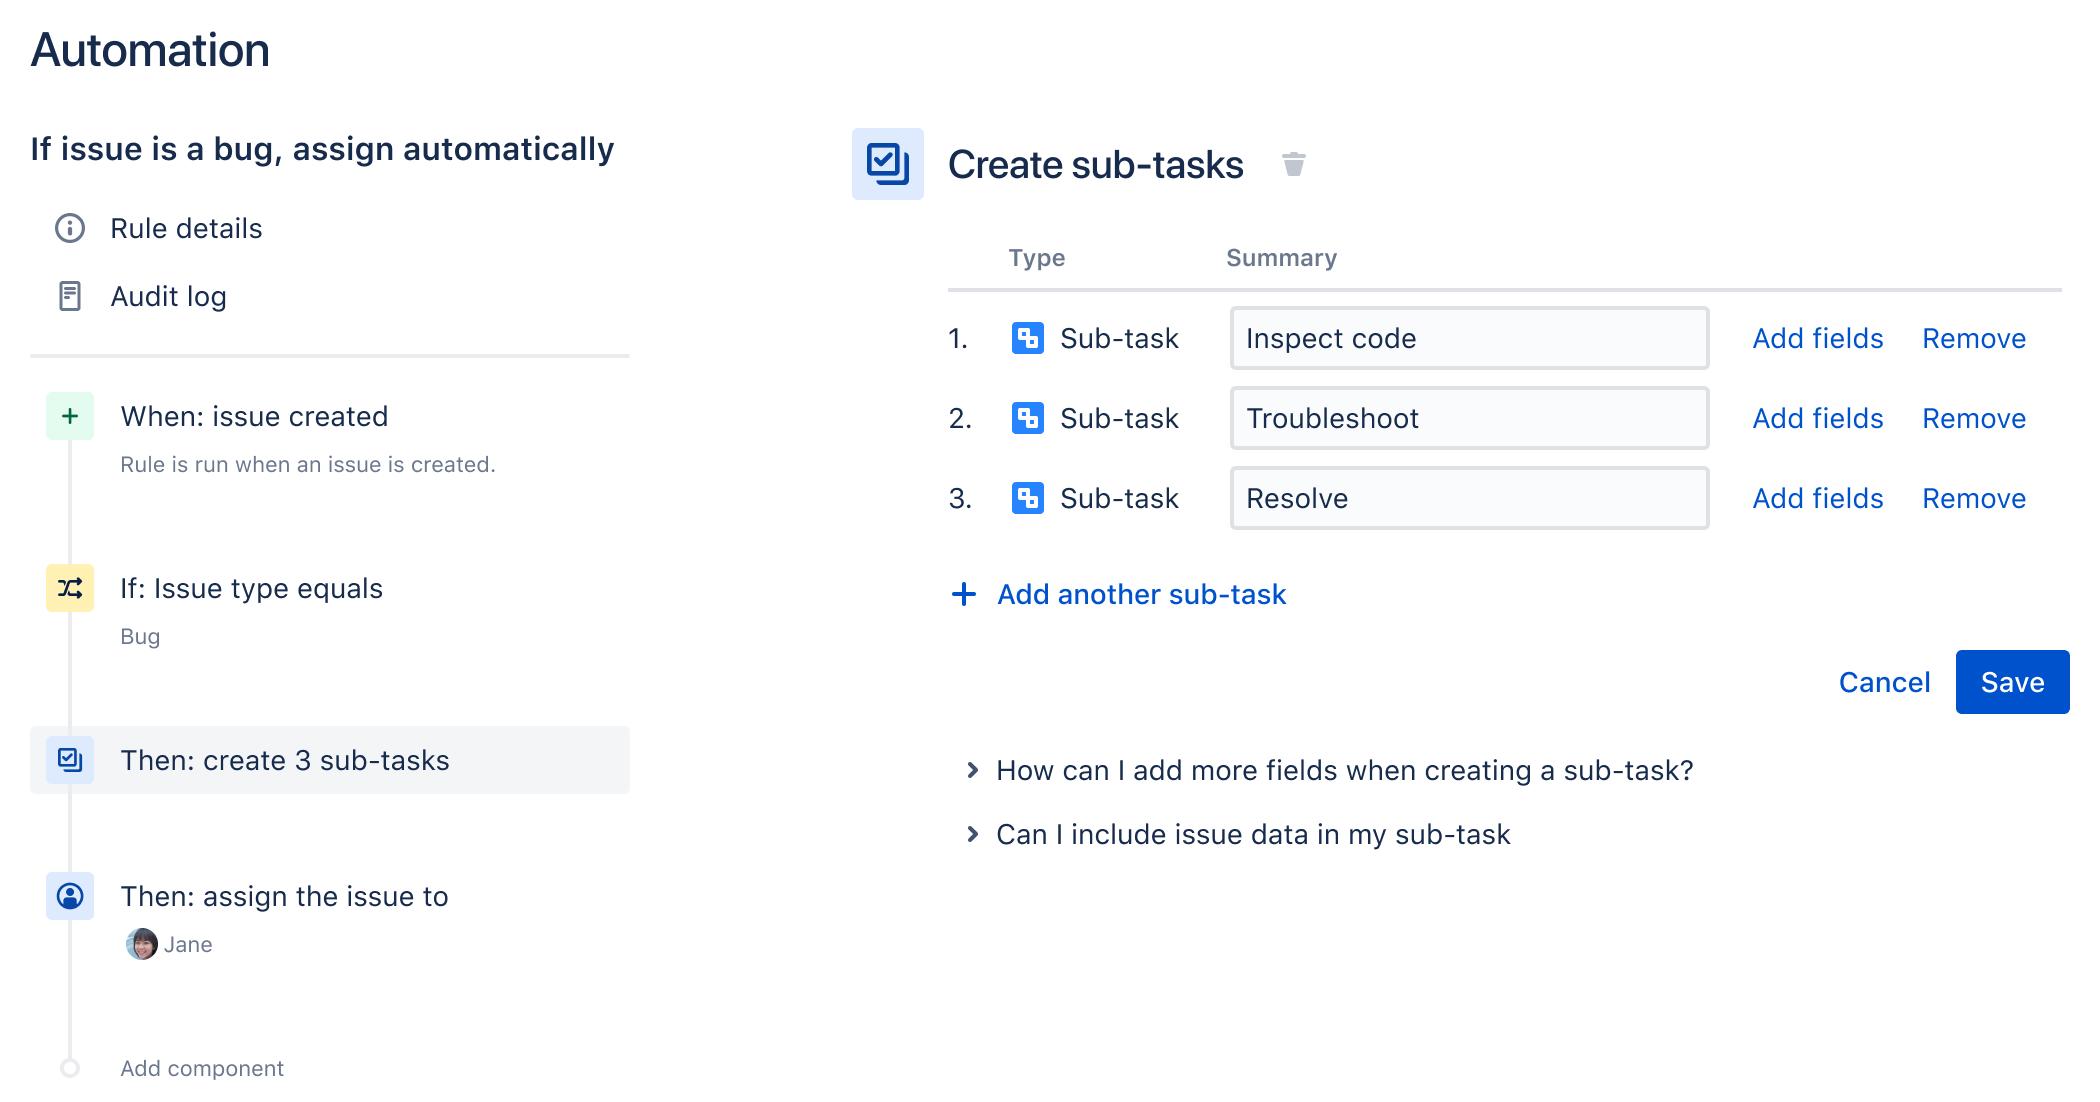 규칙 빌더의 예시로, 새 버그에 자동으로 하위 작업을 추가하고 이를 사용자에게 할당하는 단순한 규칙을 표시합니다.